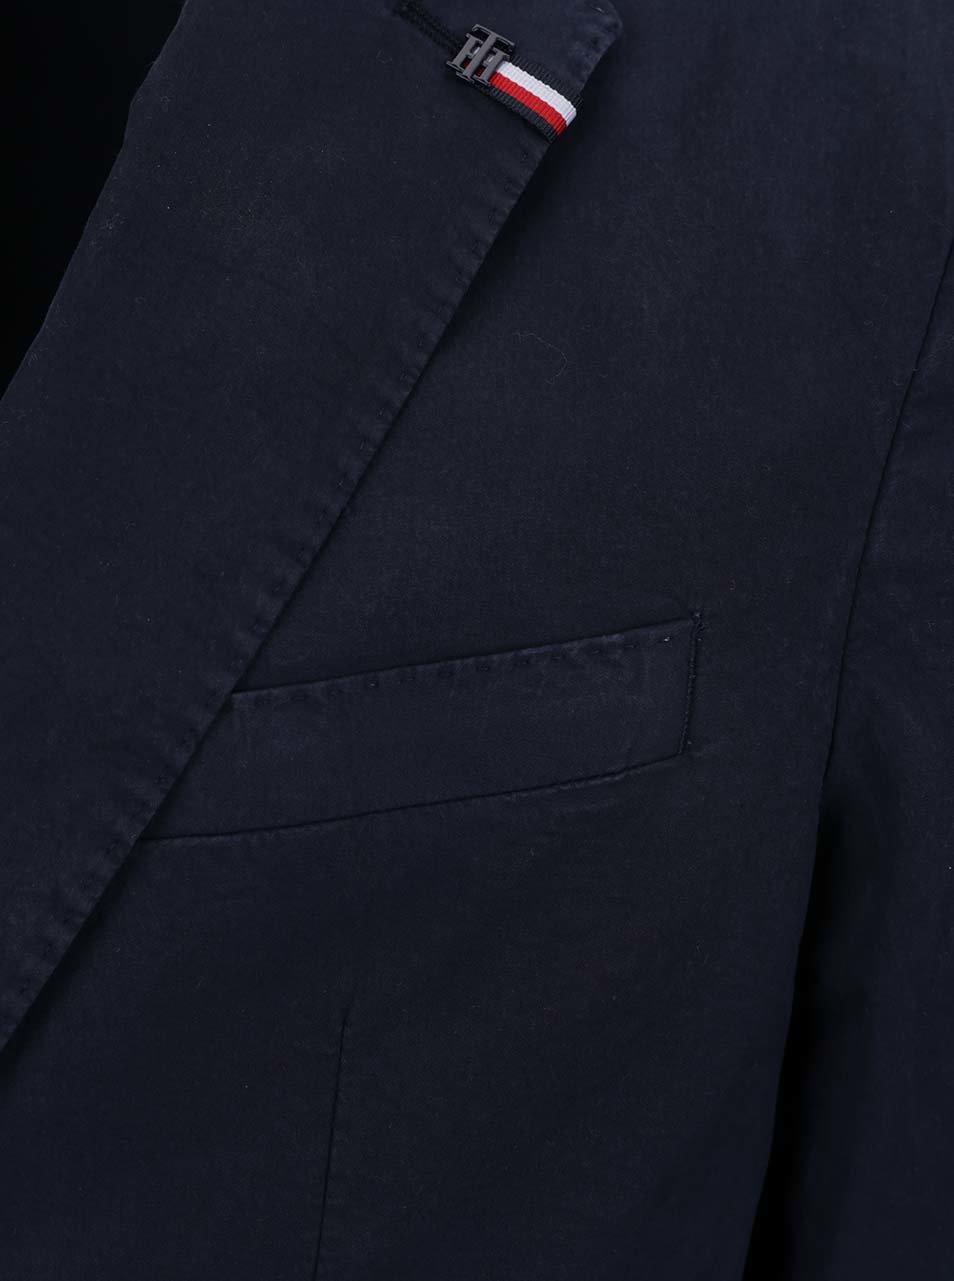 Tmavě modré pánské sako Tommy Hilfiger ... 2d7753f5973